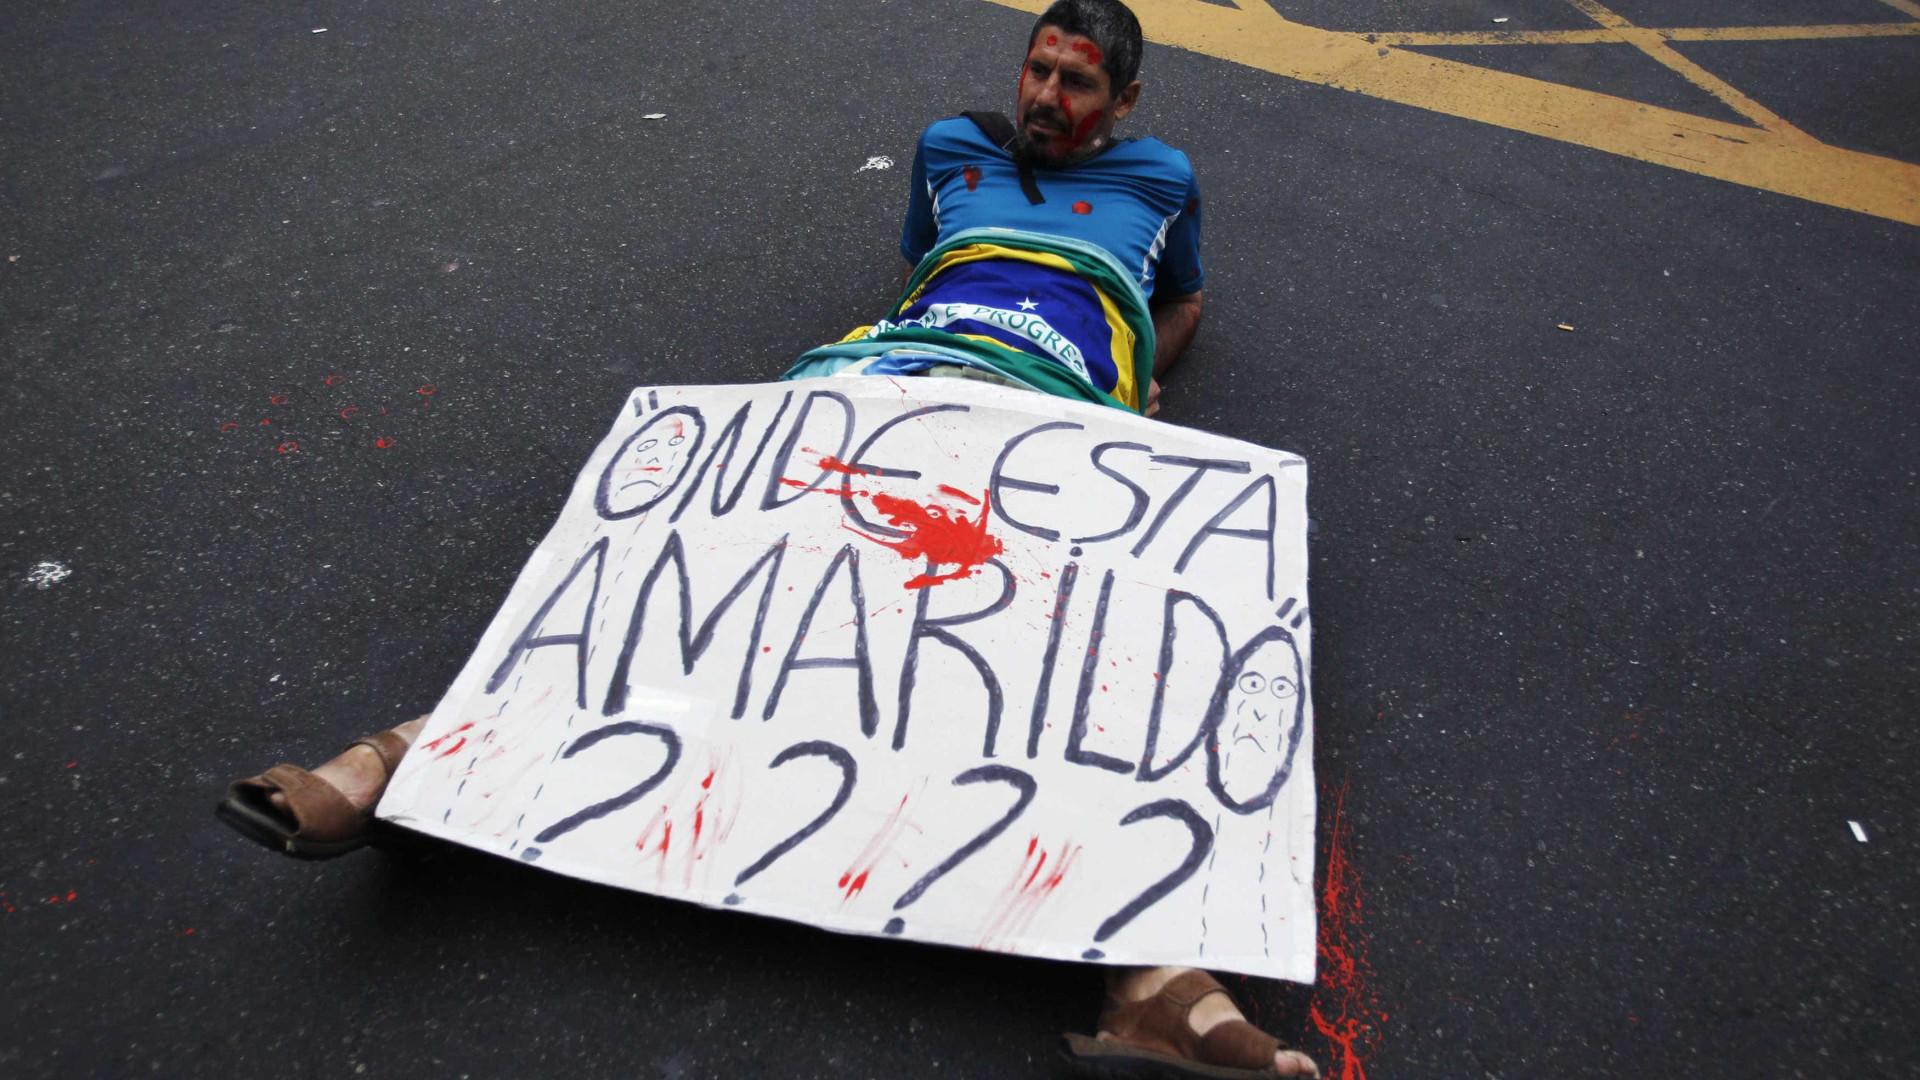 Justiça absolve policiais acusados de tortura e morte de Amarildo